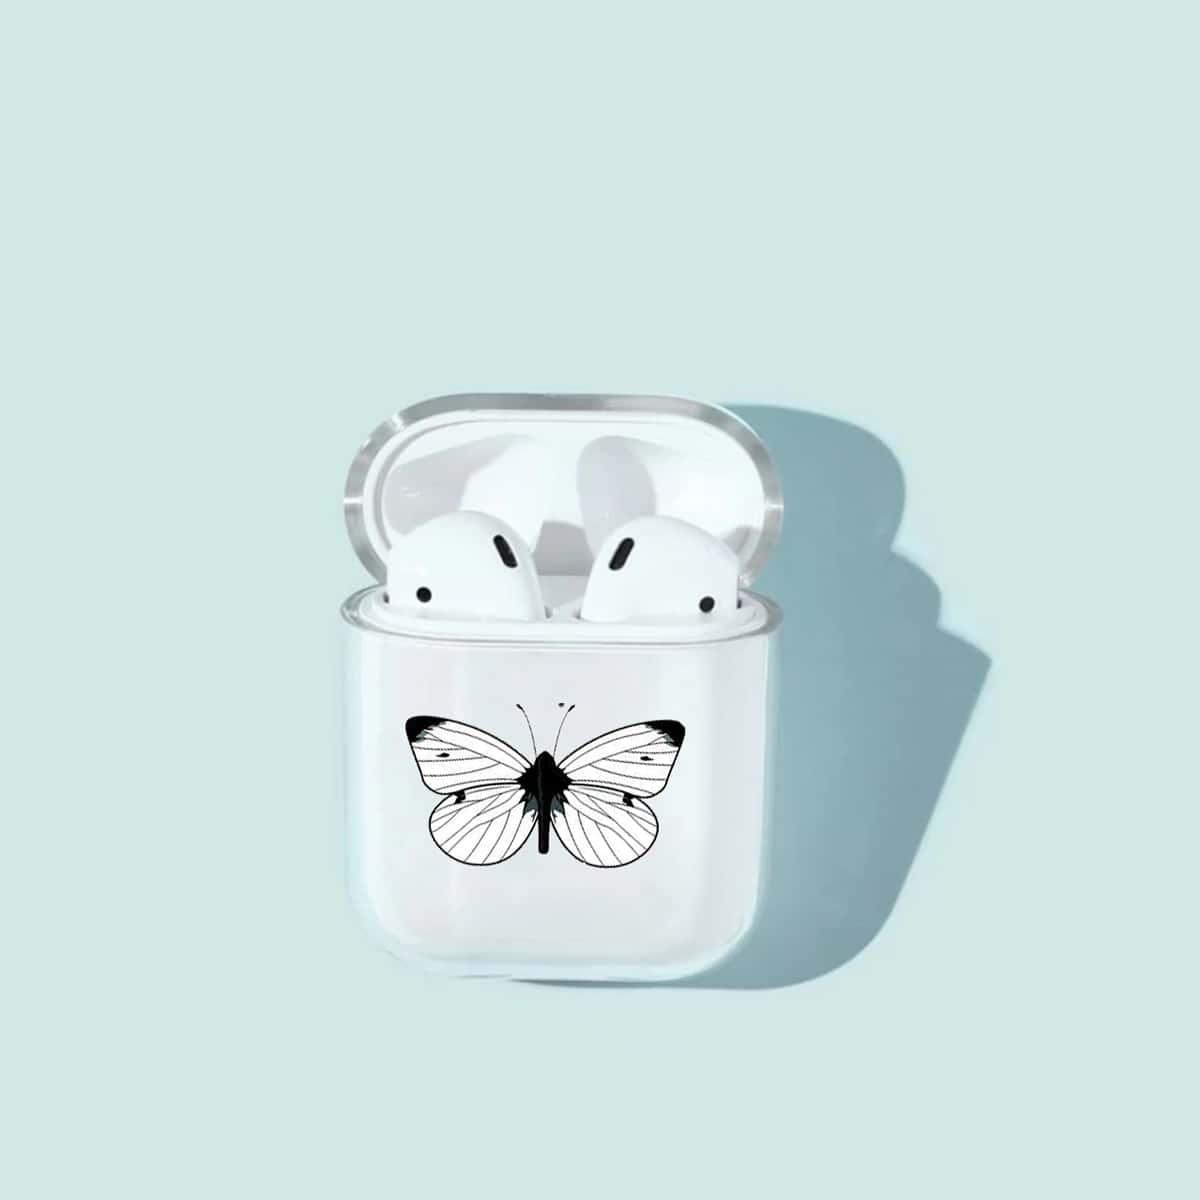 SHEIN / Airpods Hülle mit Schmetterling Muster